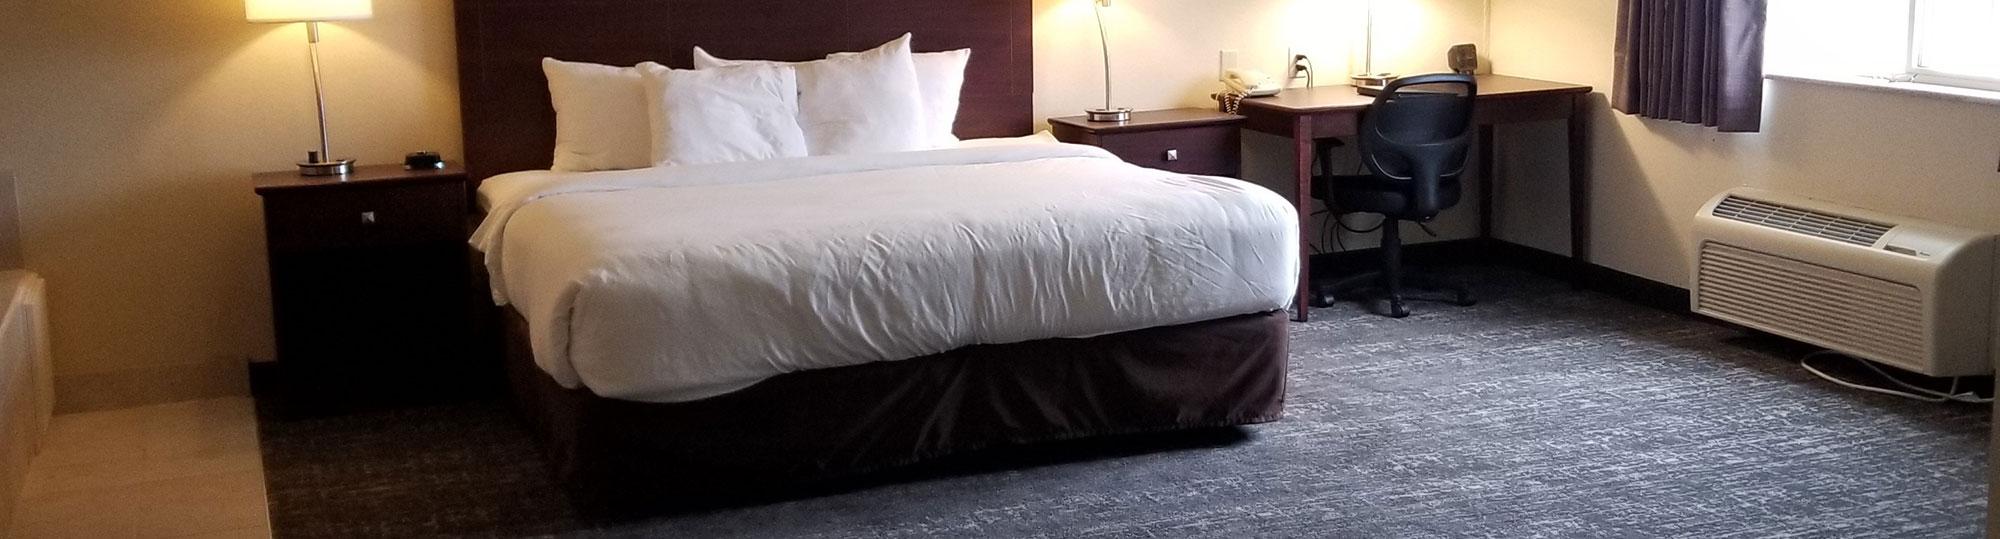 Cobblestone Suites Ripon